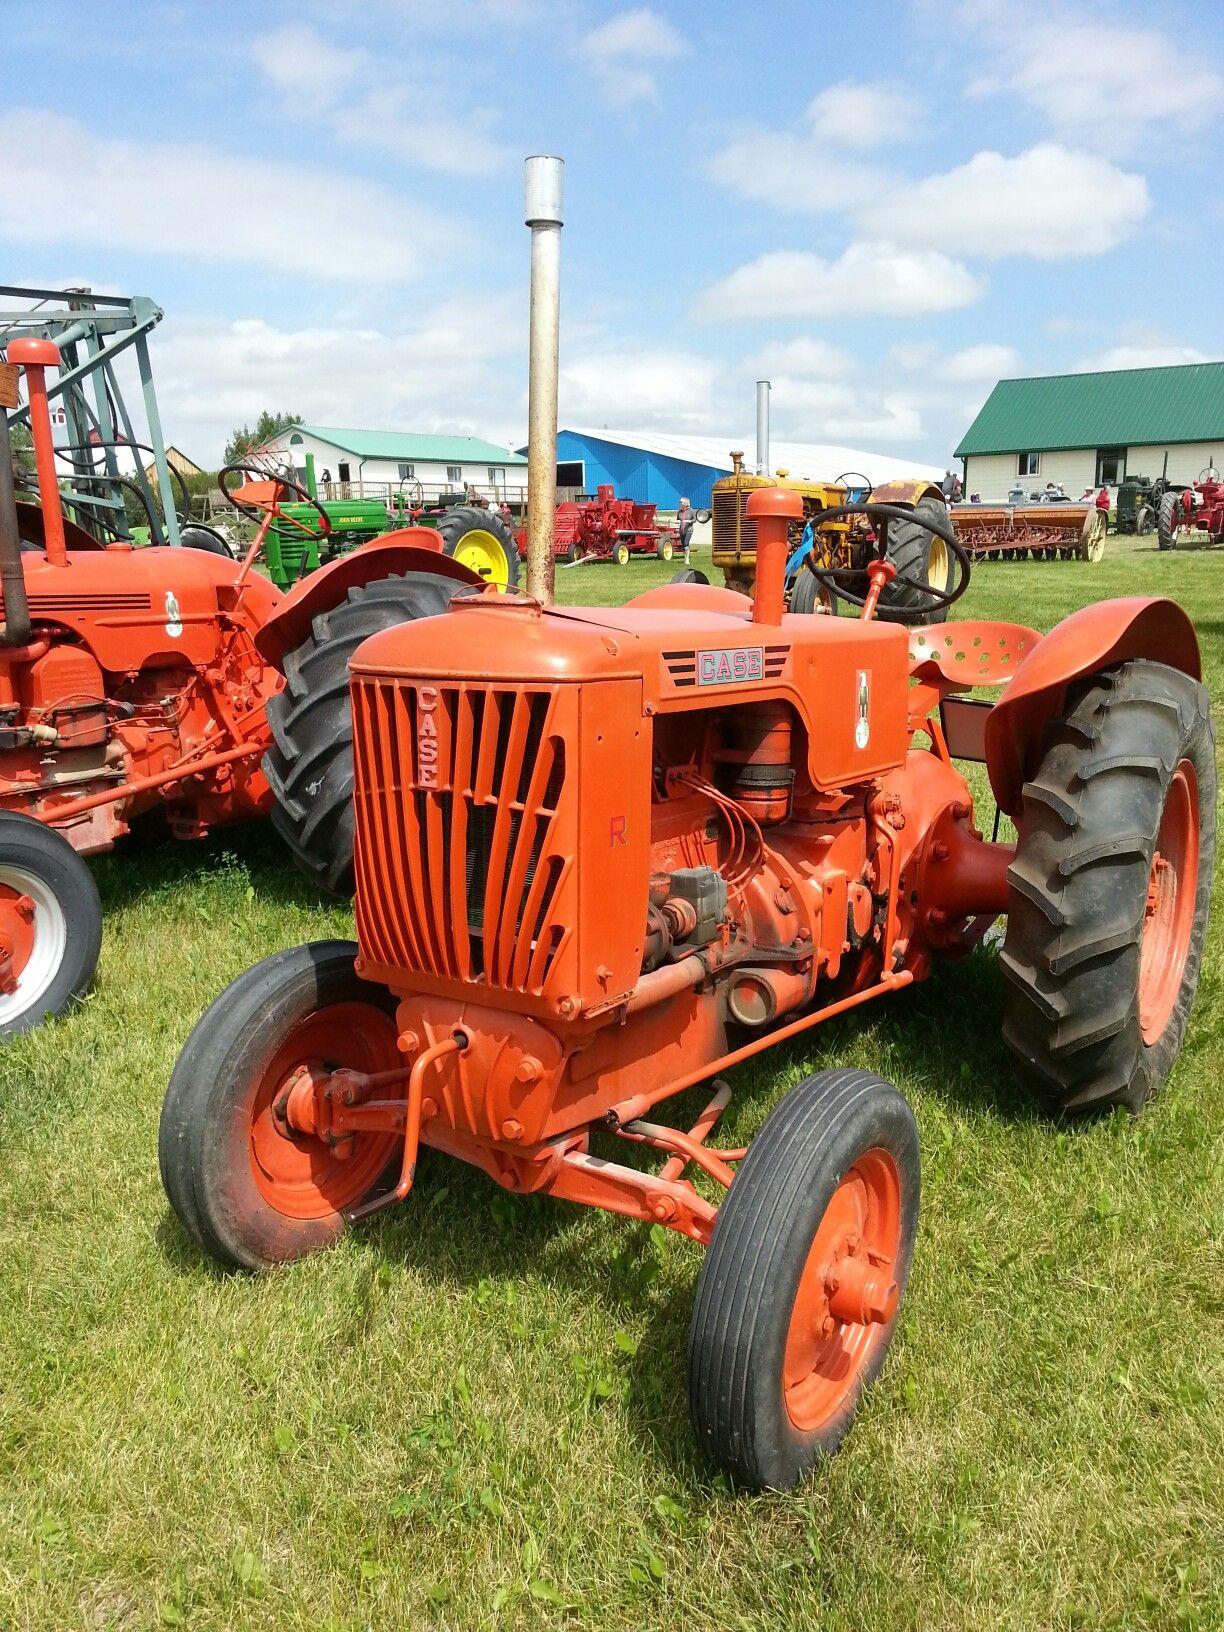 1939 Case Model R Tractors Agriculture Machine Antique Tractors